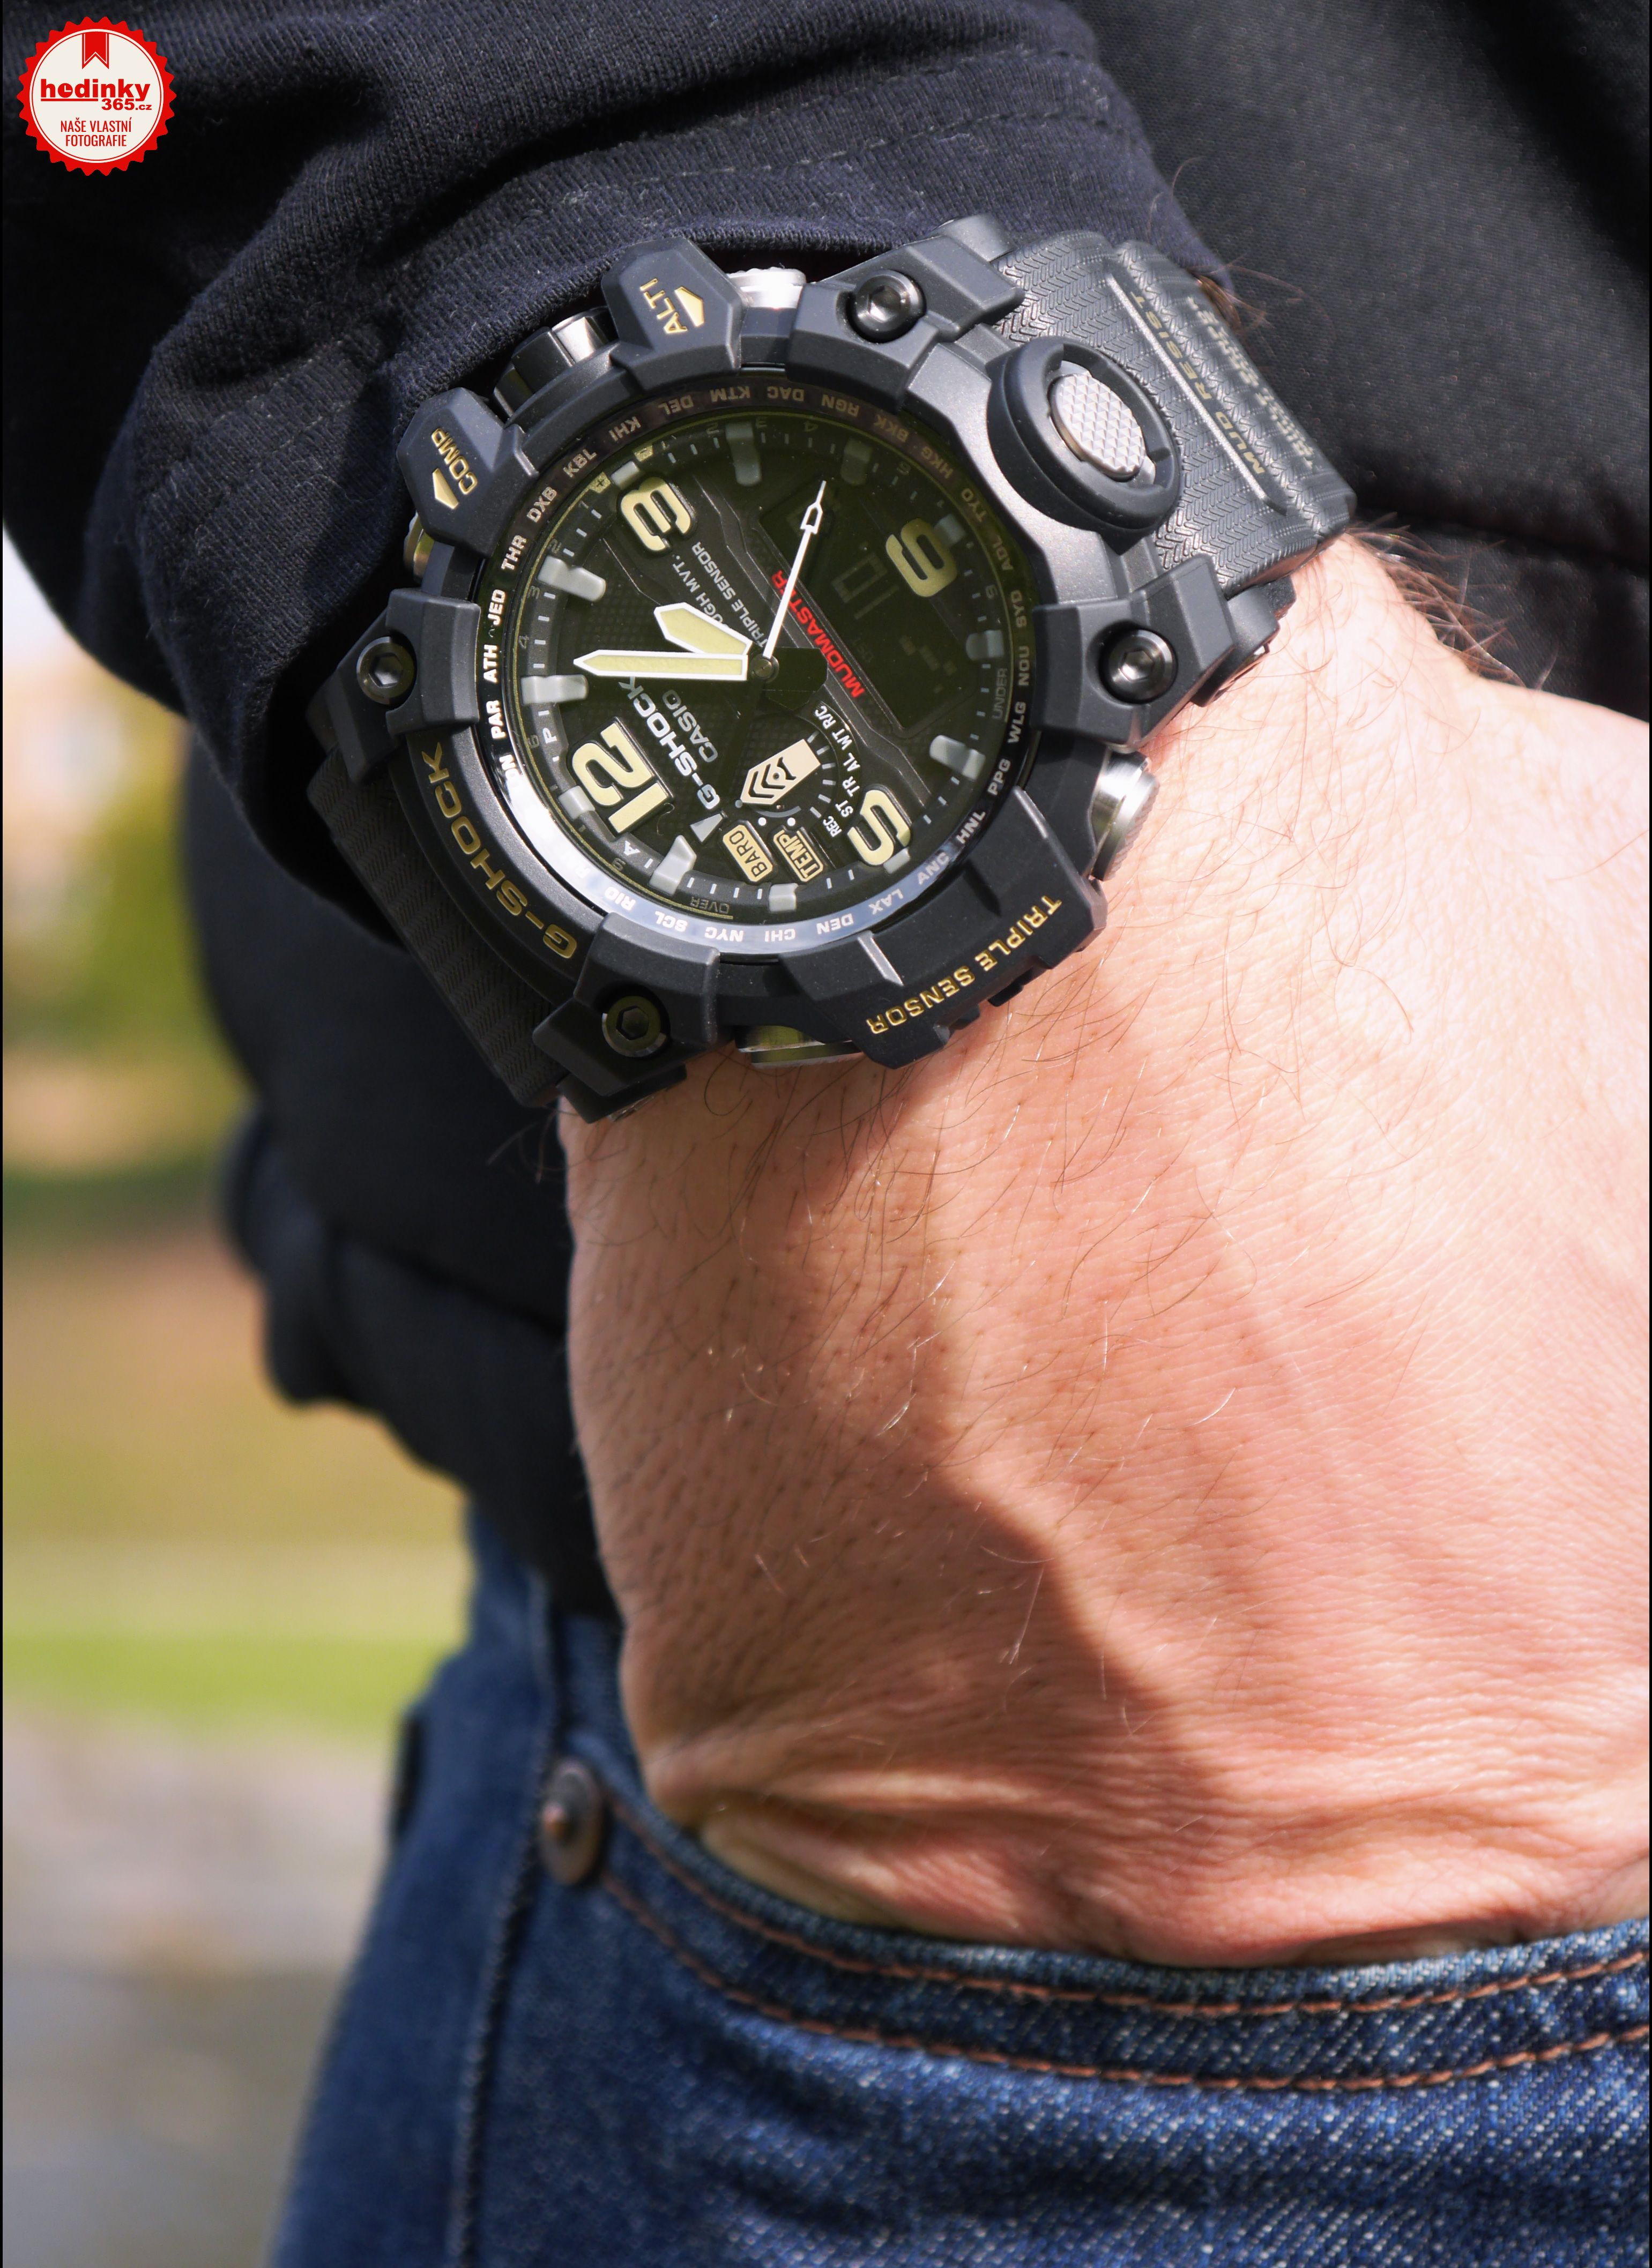 Casio G-Shock Mudmaster GWG-1000-1AER  b6224184b1